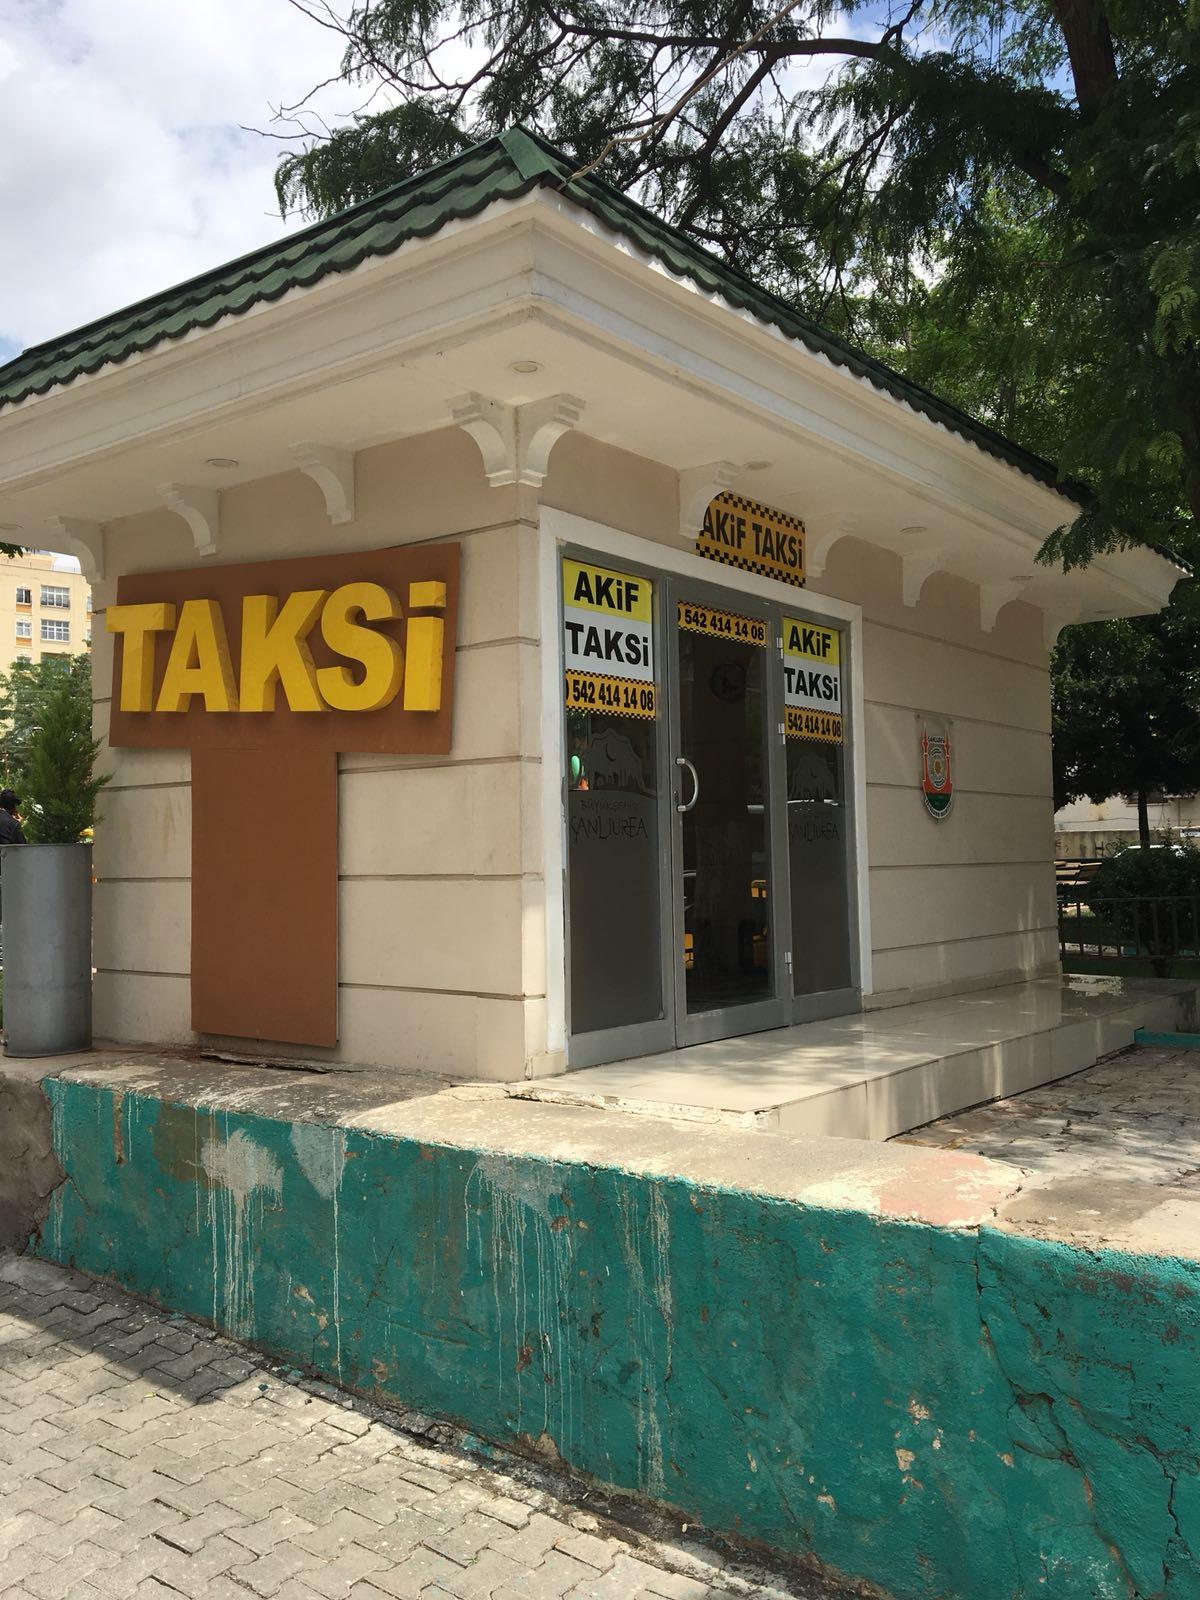 Akif Taksi